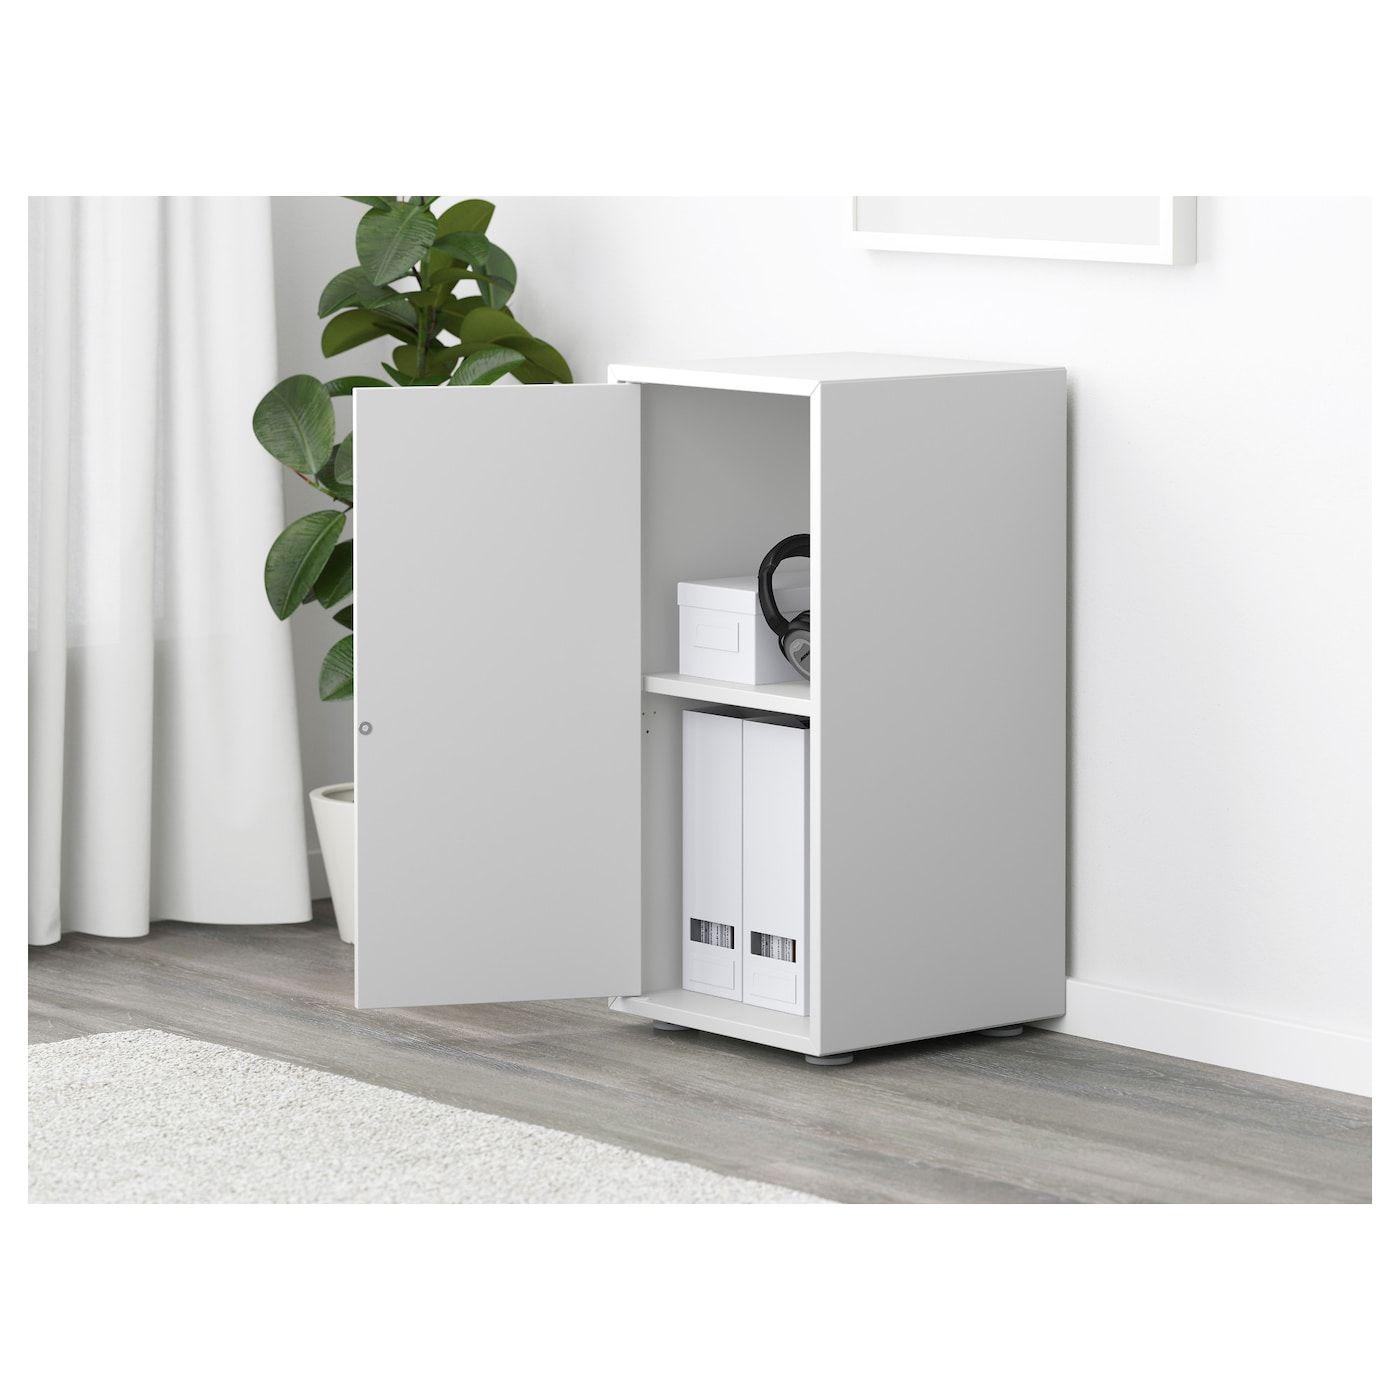 Ikea Eket White Cabinet With Door And Shelf In 2020 Schrankturen